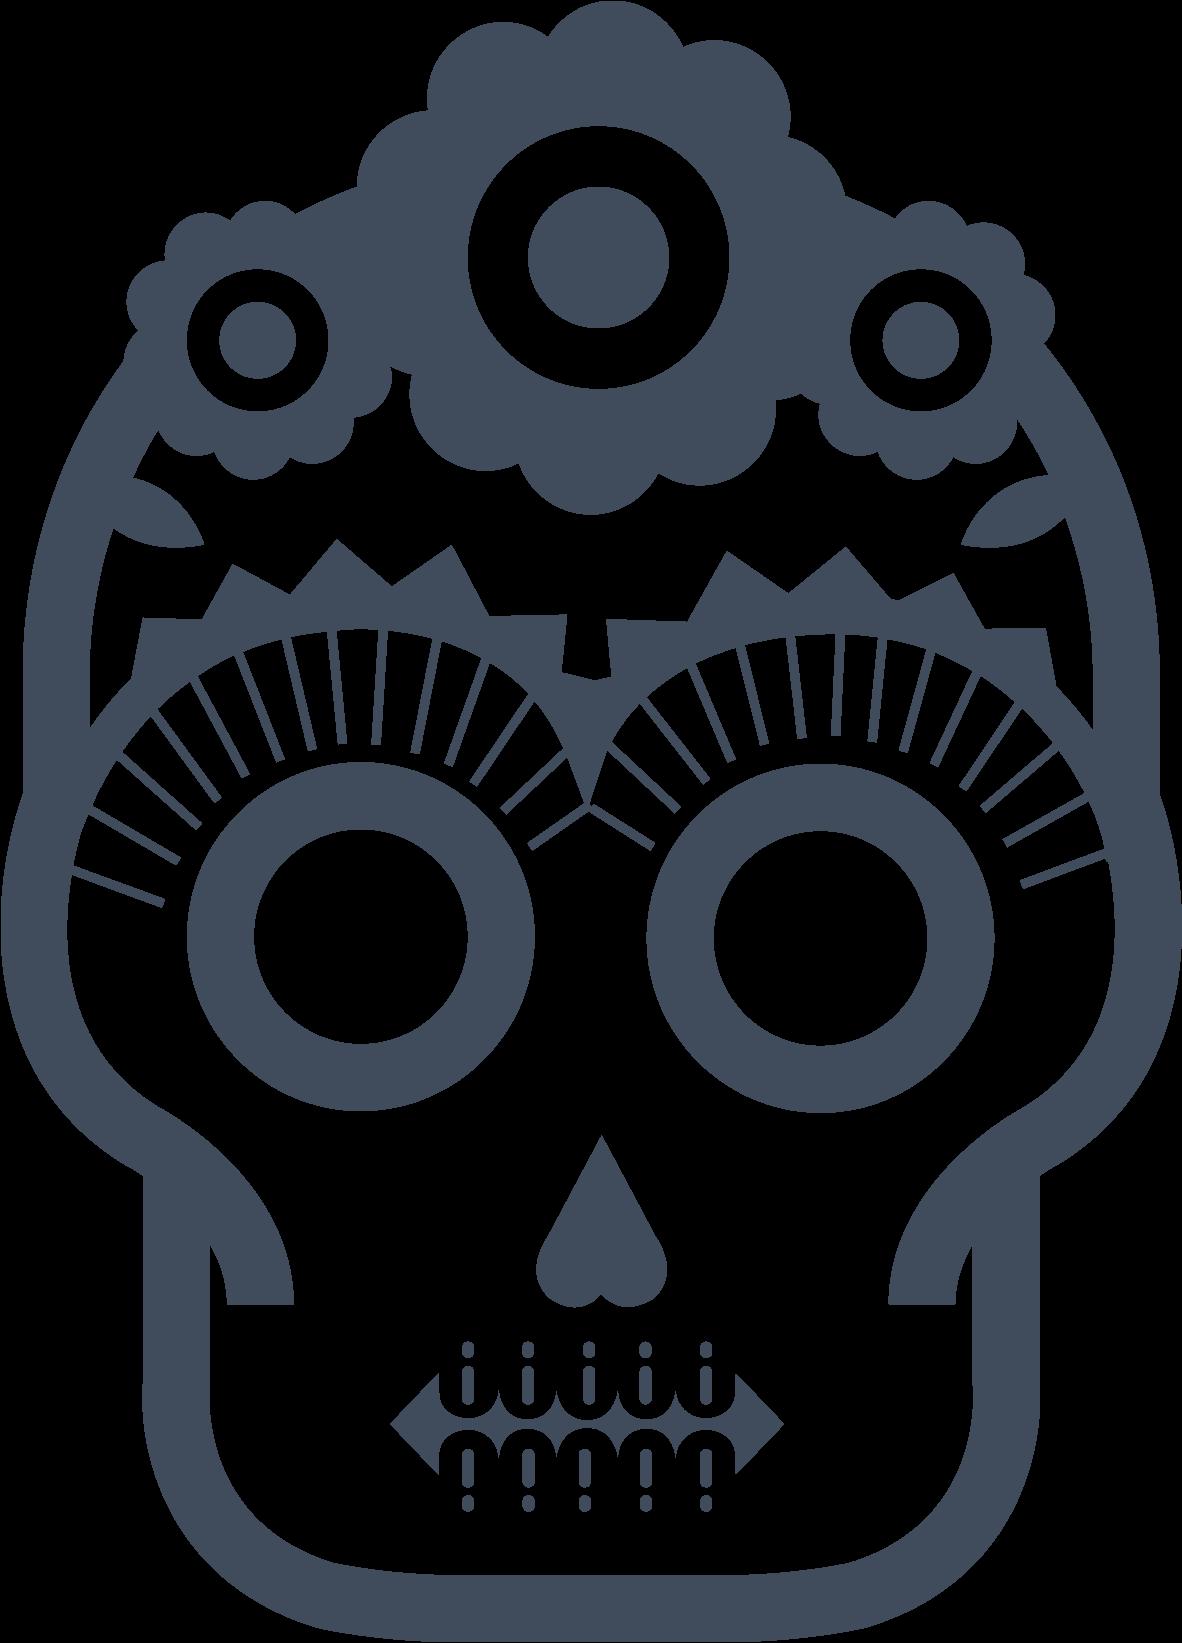 La-Escondia-Mermaid-skull